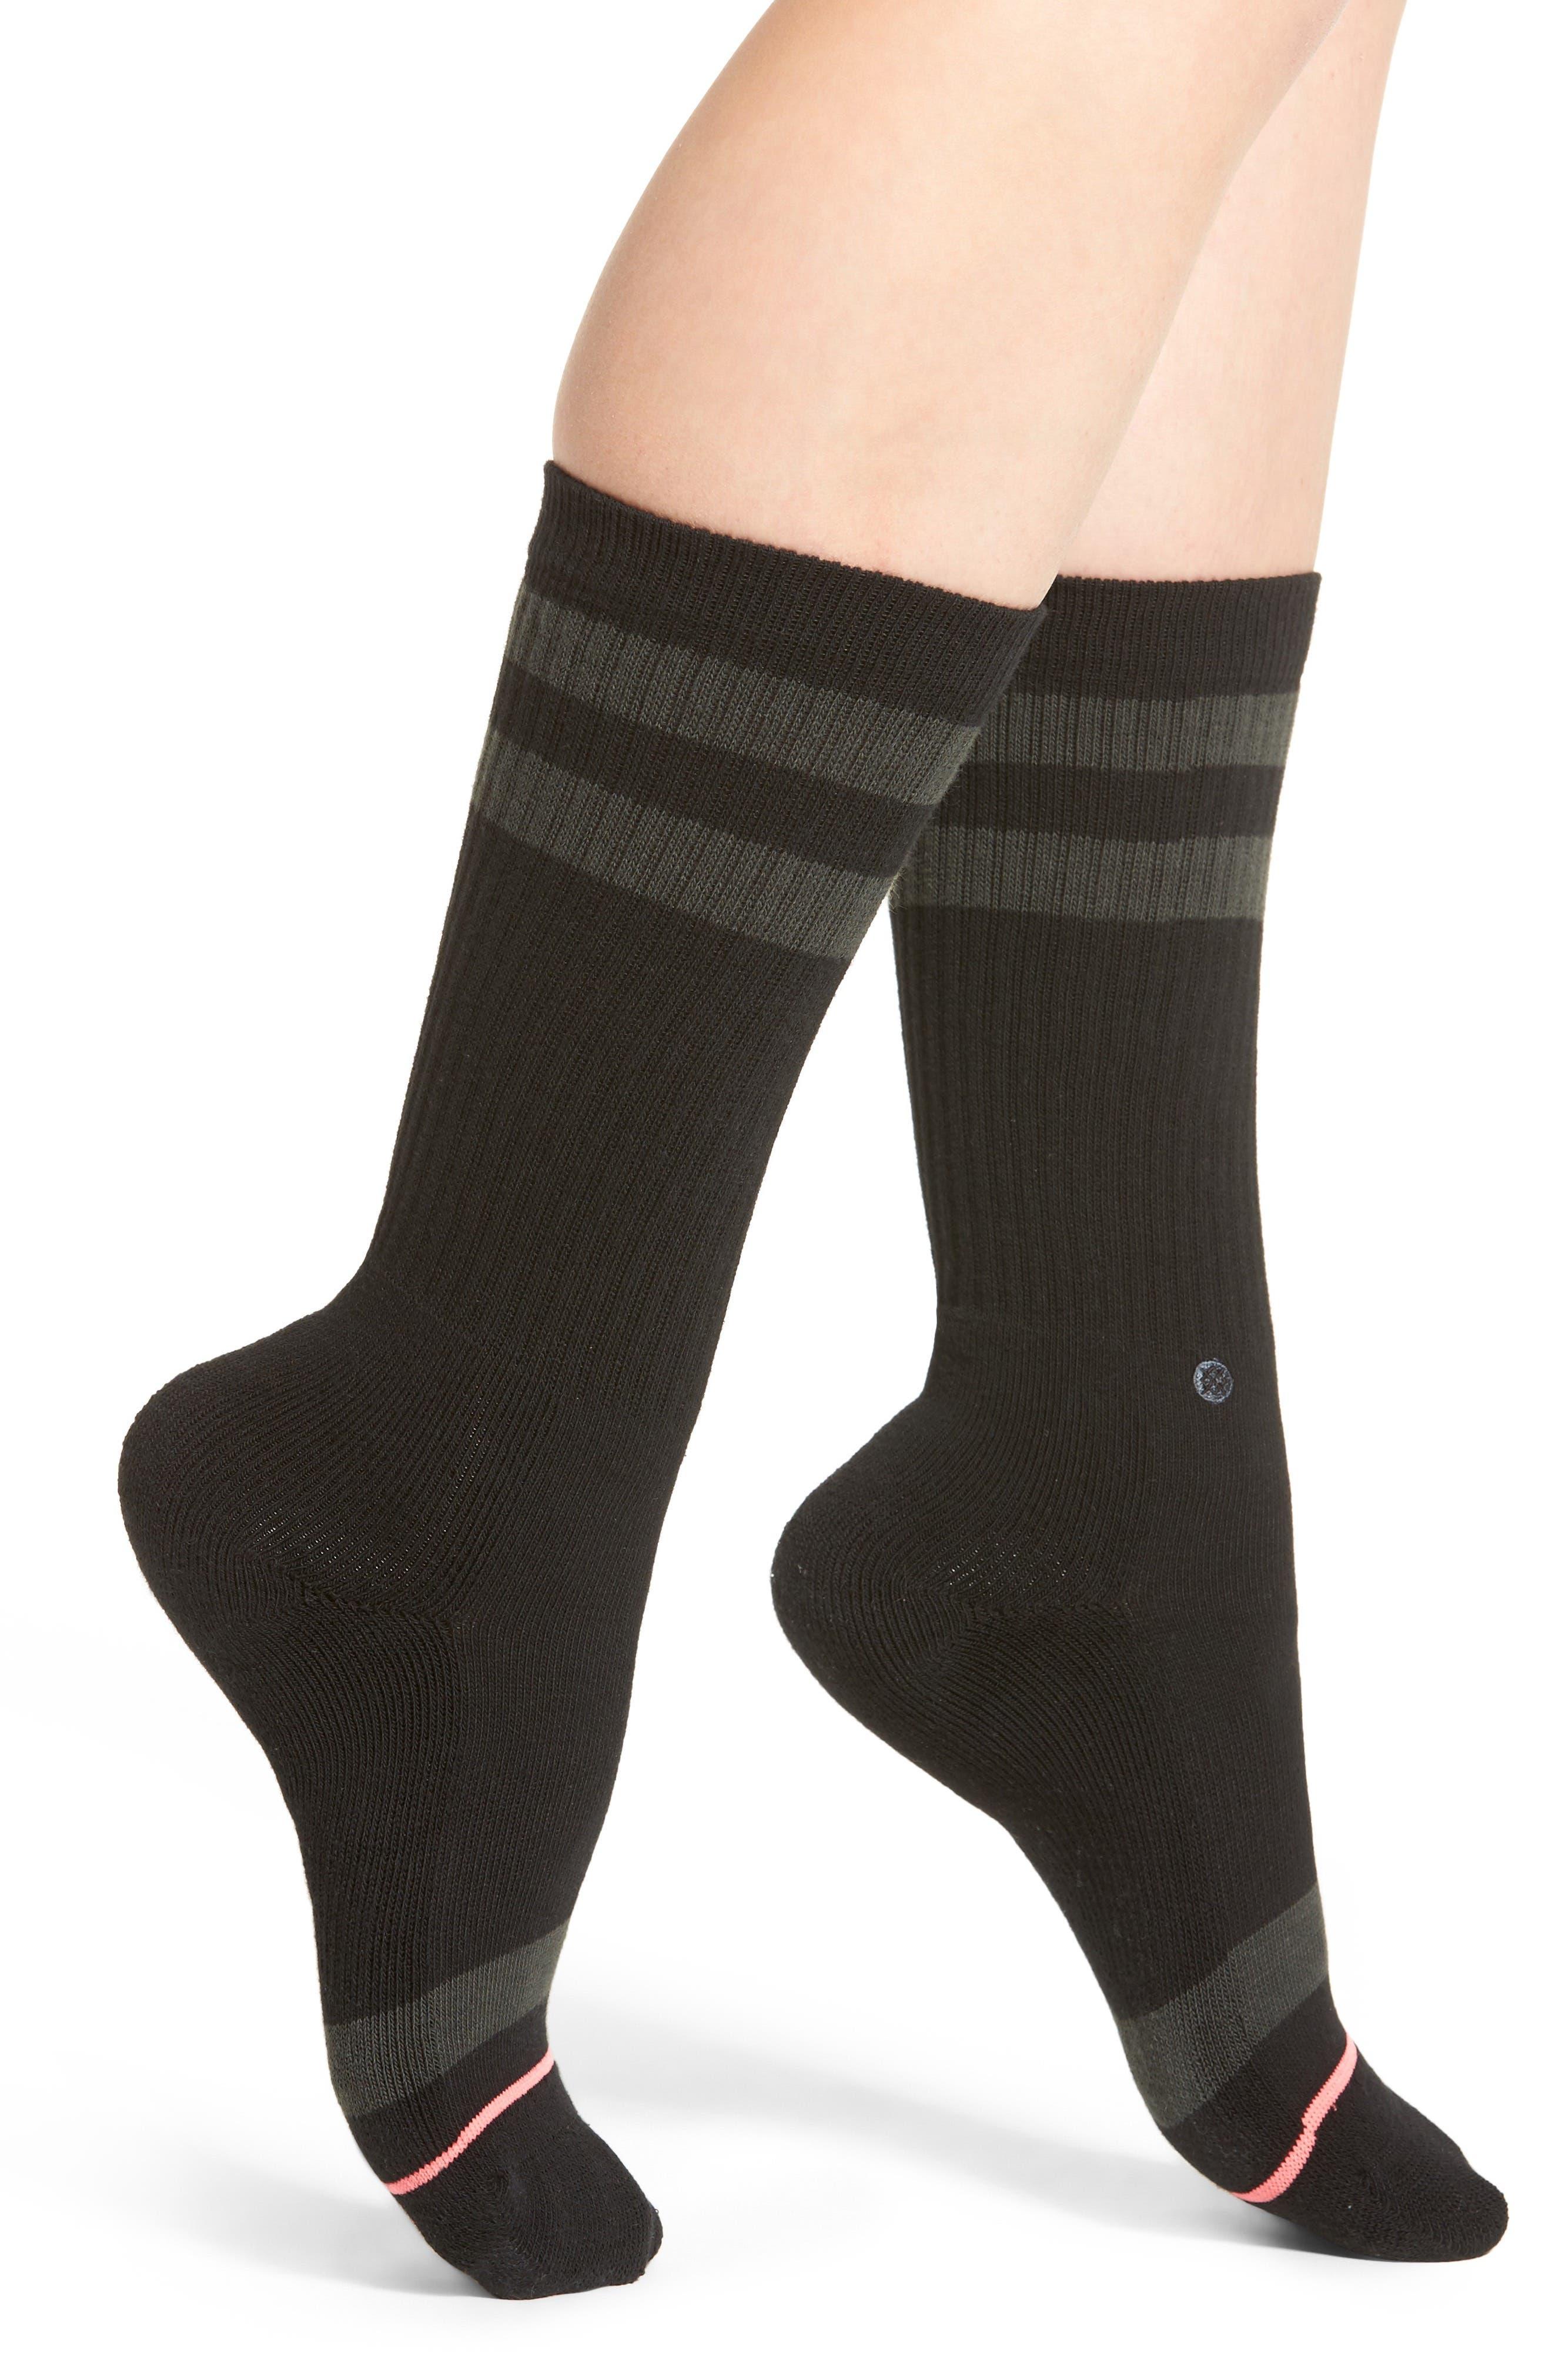 mens hidden socks crew comforter black lost premium creek comfort balega smartwool